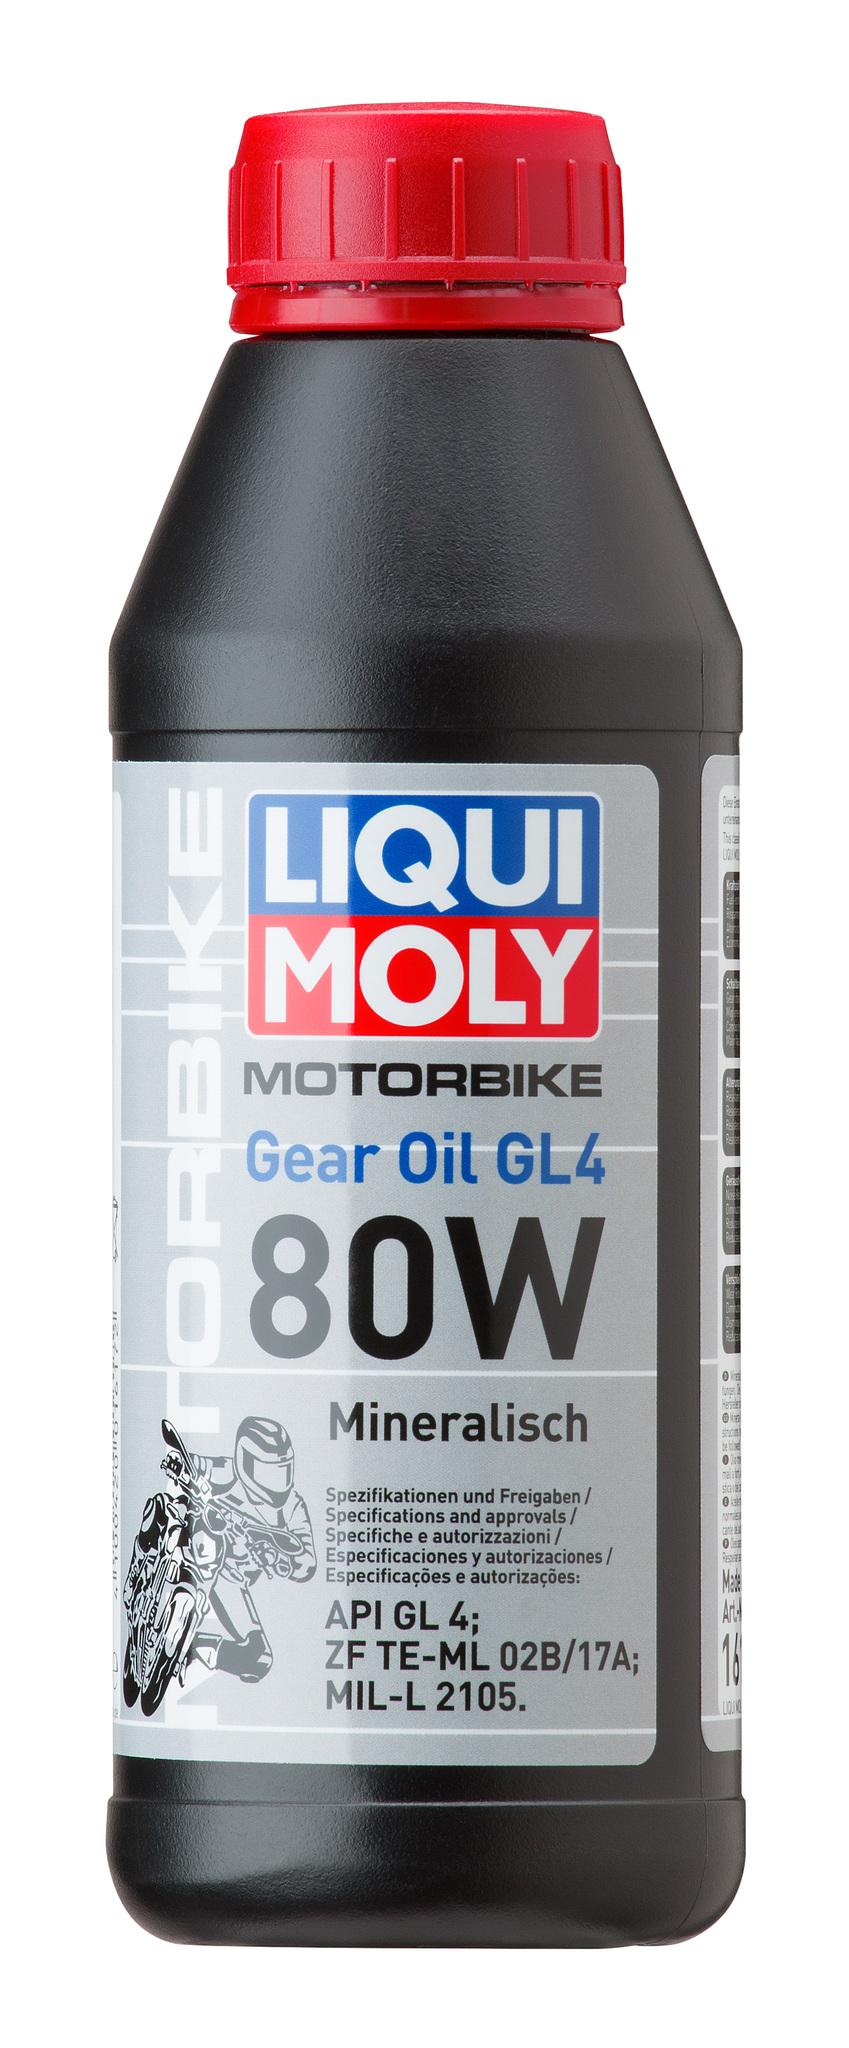 Liqui Moly Motorrad Gear Oil 80W — Минеральное трансмиссионное масло для мотоциклов